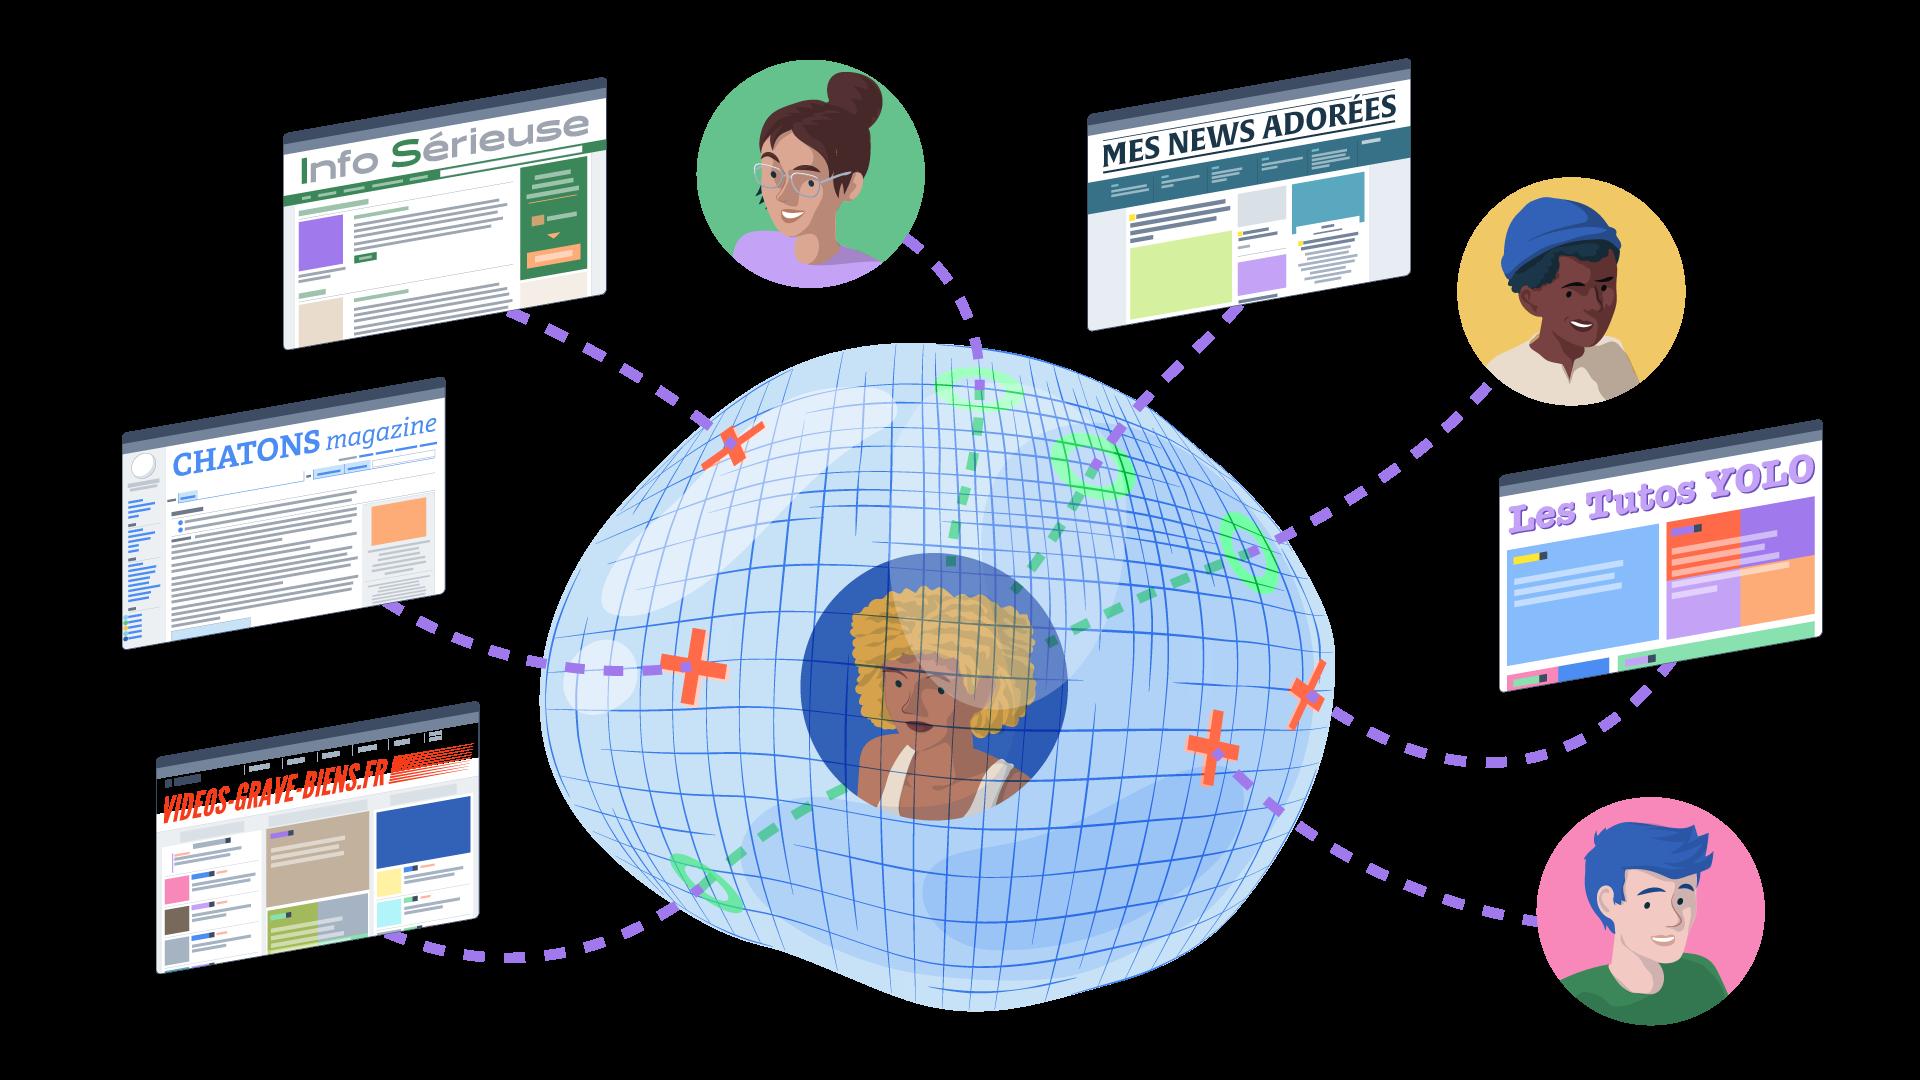 bulle de filtre illustration réseaux sociaux social media